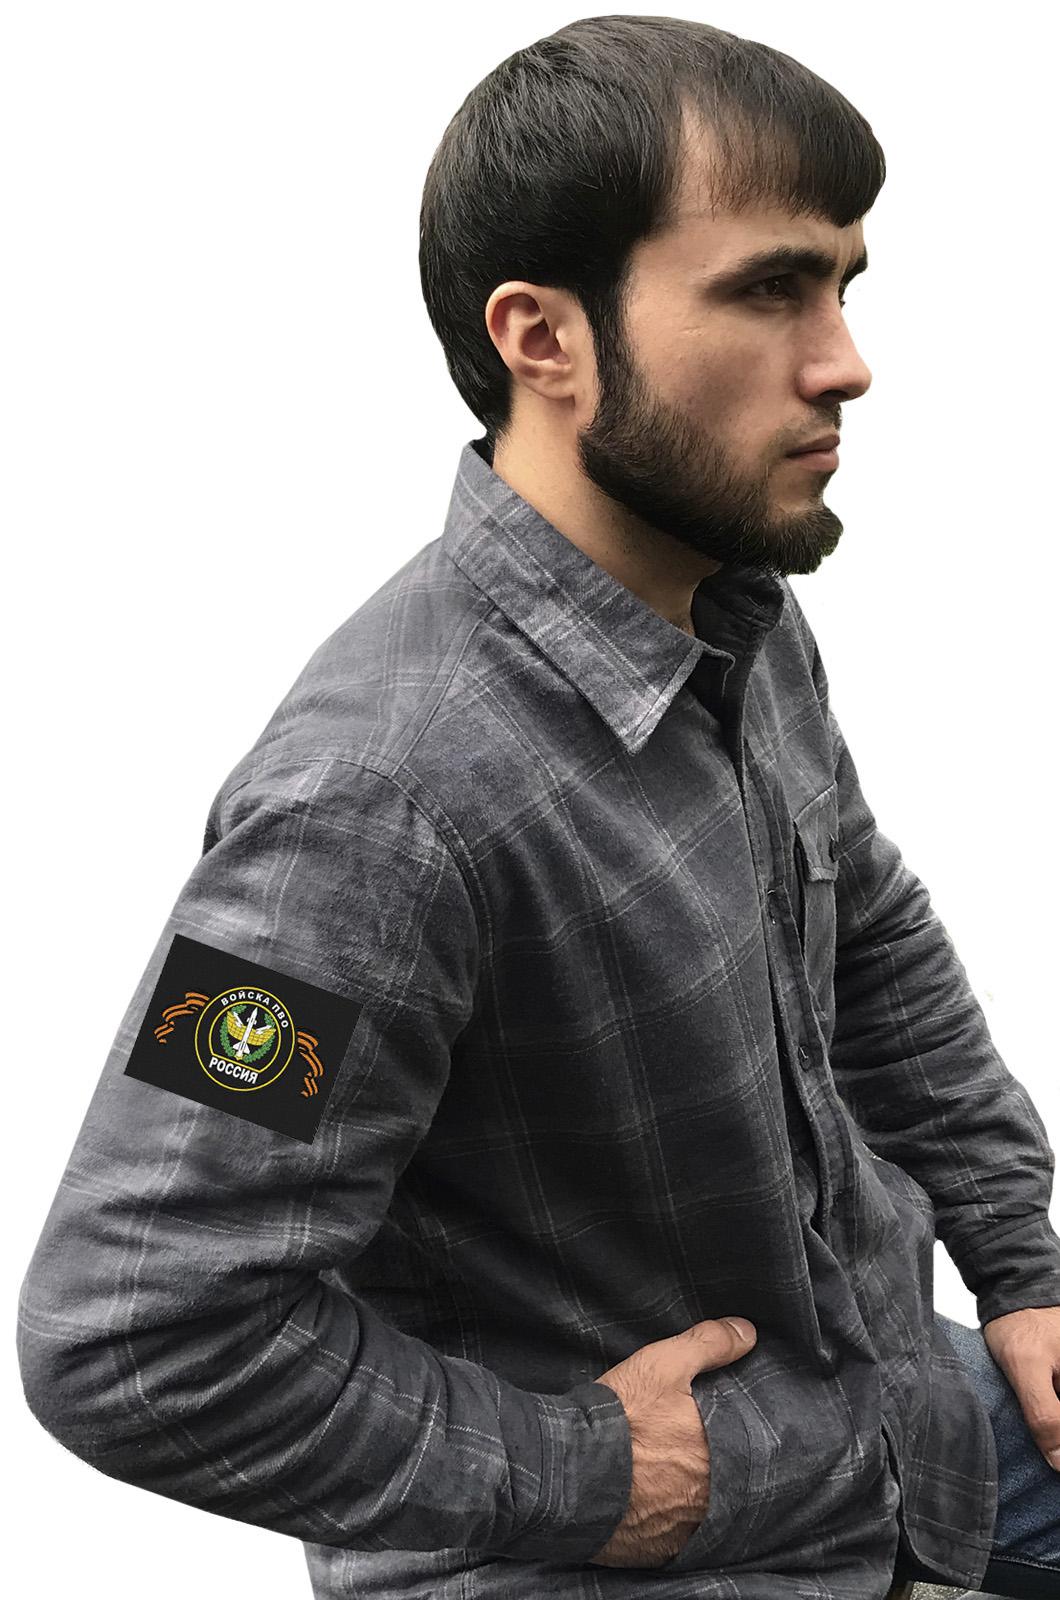 Практичная серая рубашка с вышитым шевроном ПВО - купить с доставкой